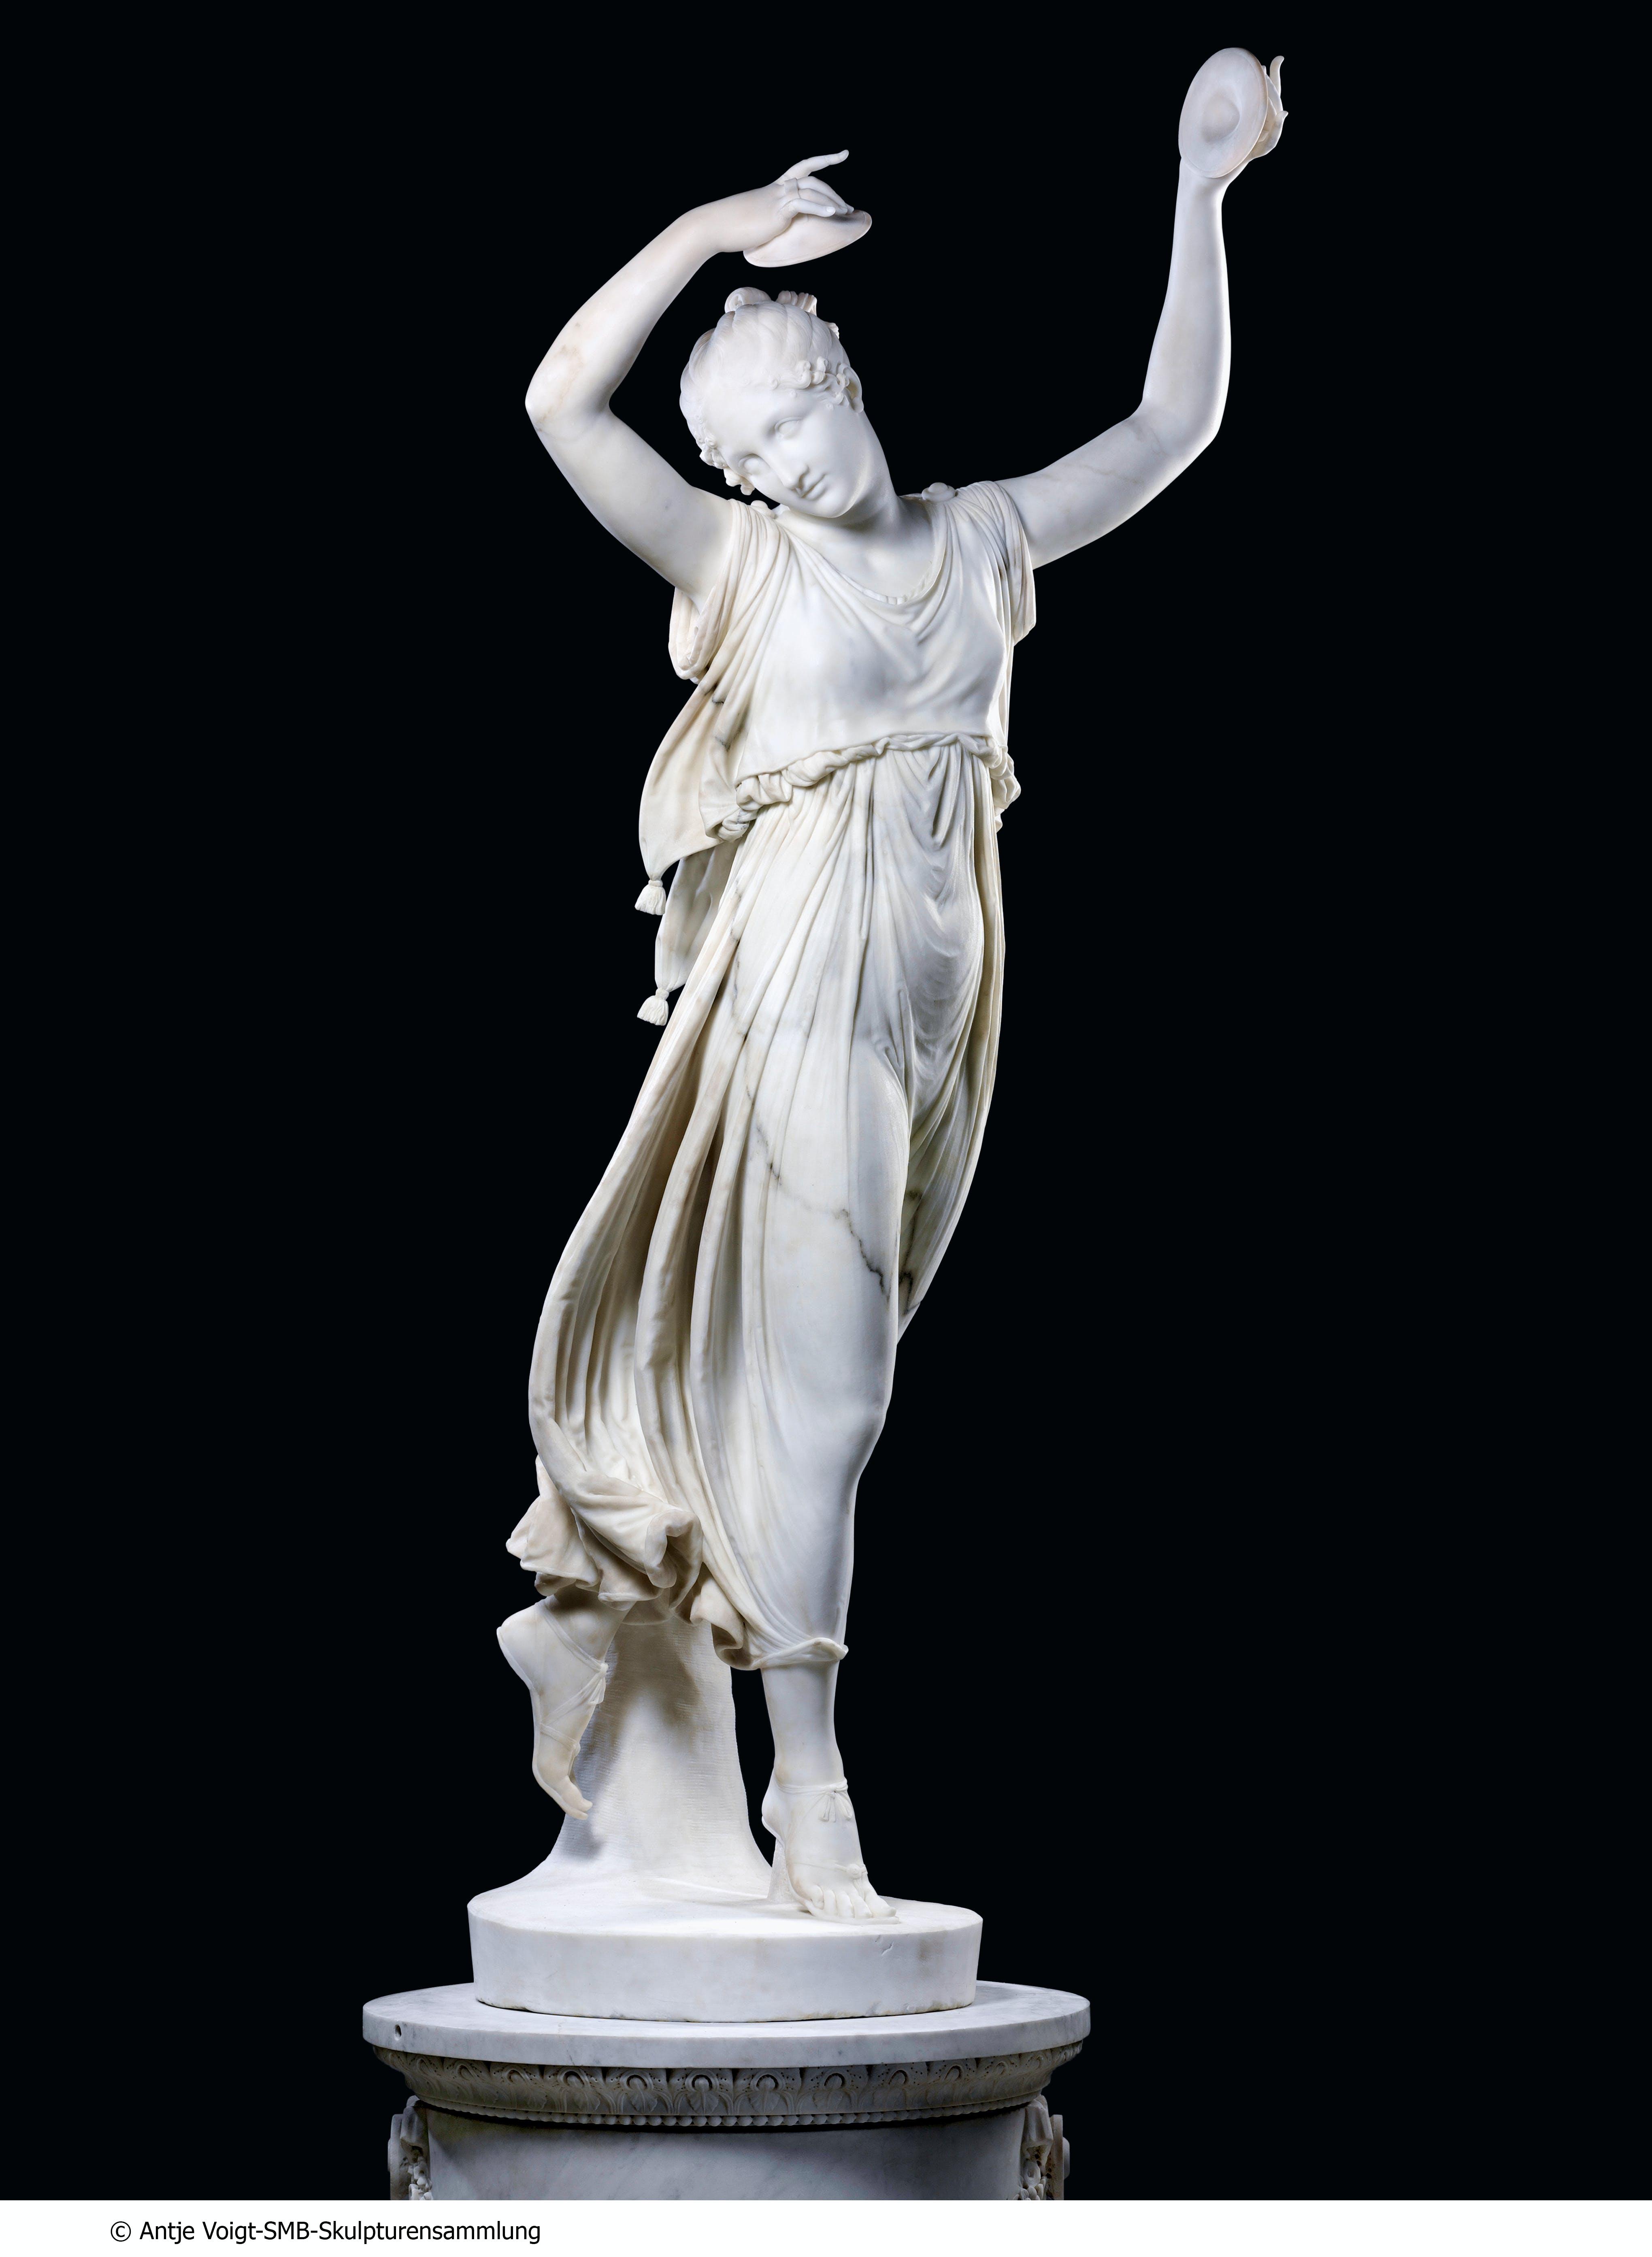 Dancer with cymbals (1809/12), Antonio Canova. © Staatligche Museen zu Berlin, Skulpturensammlung / Antje Voigt